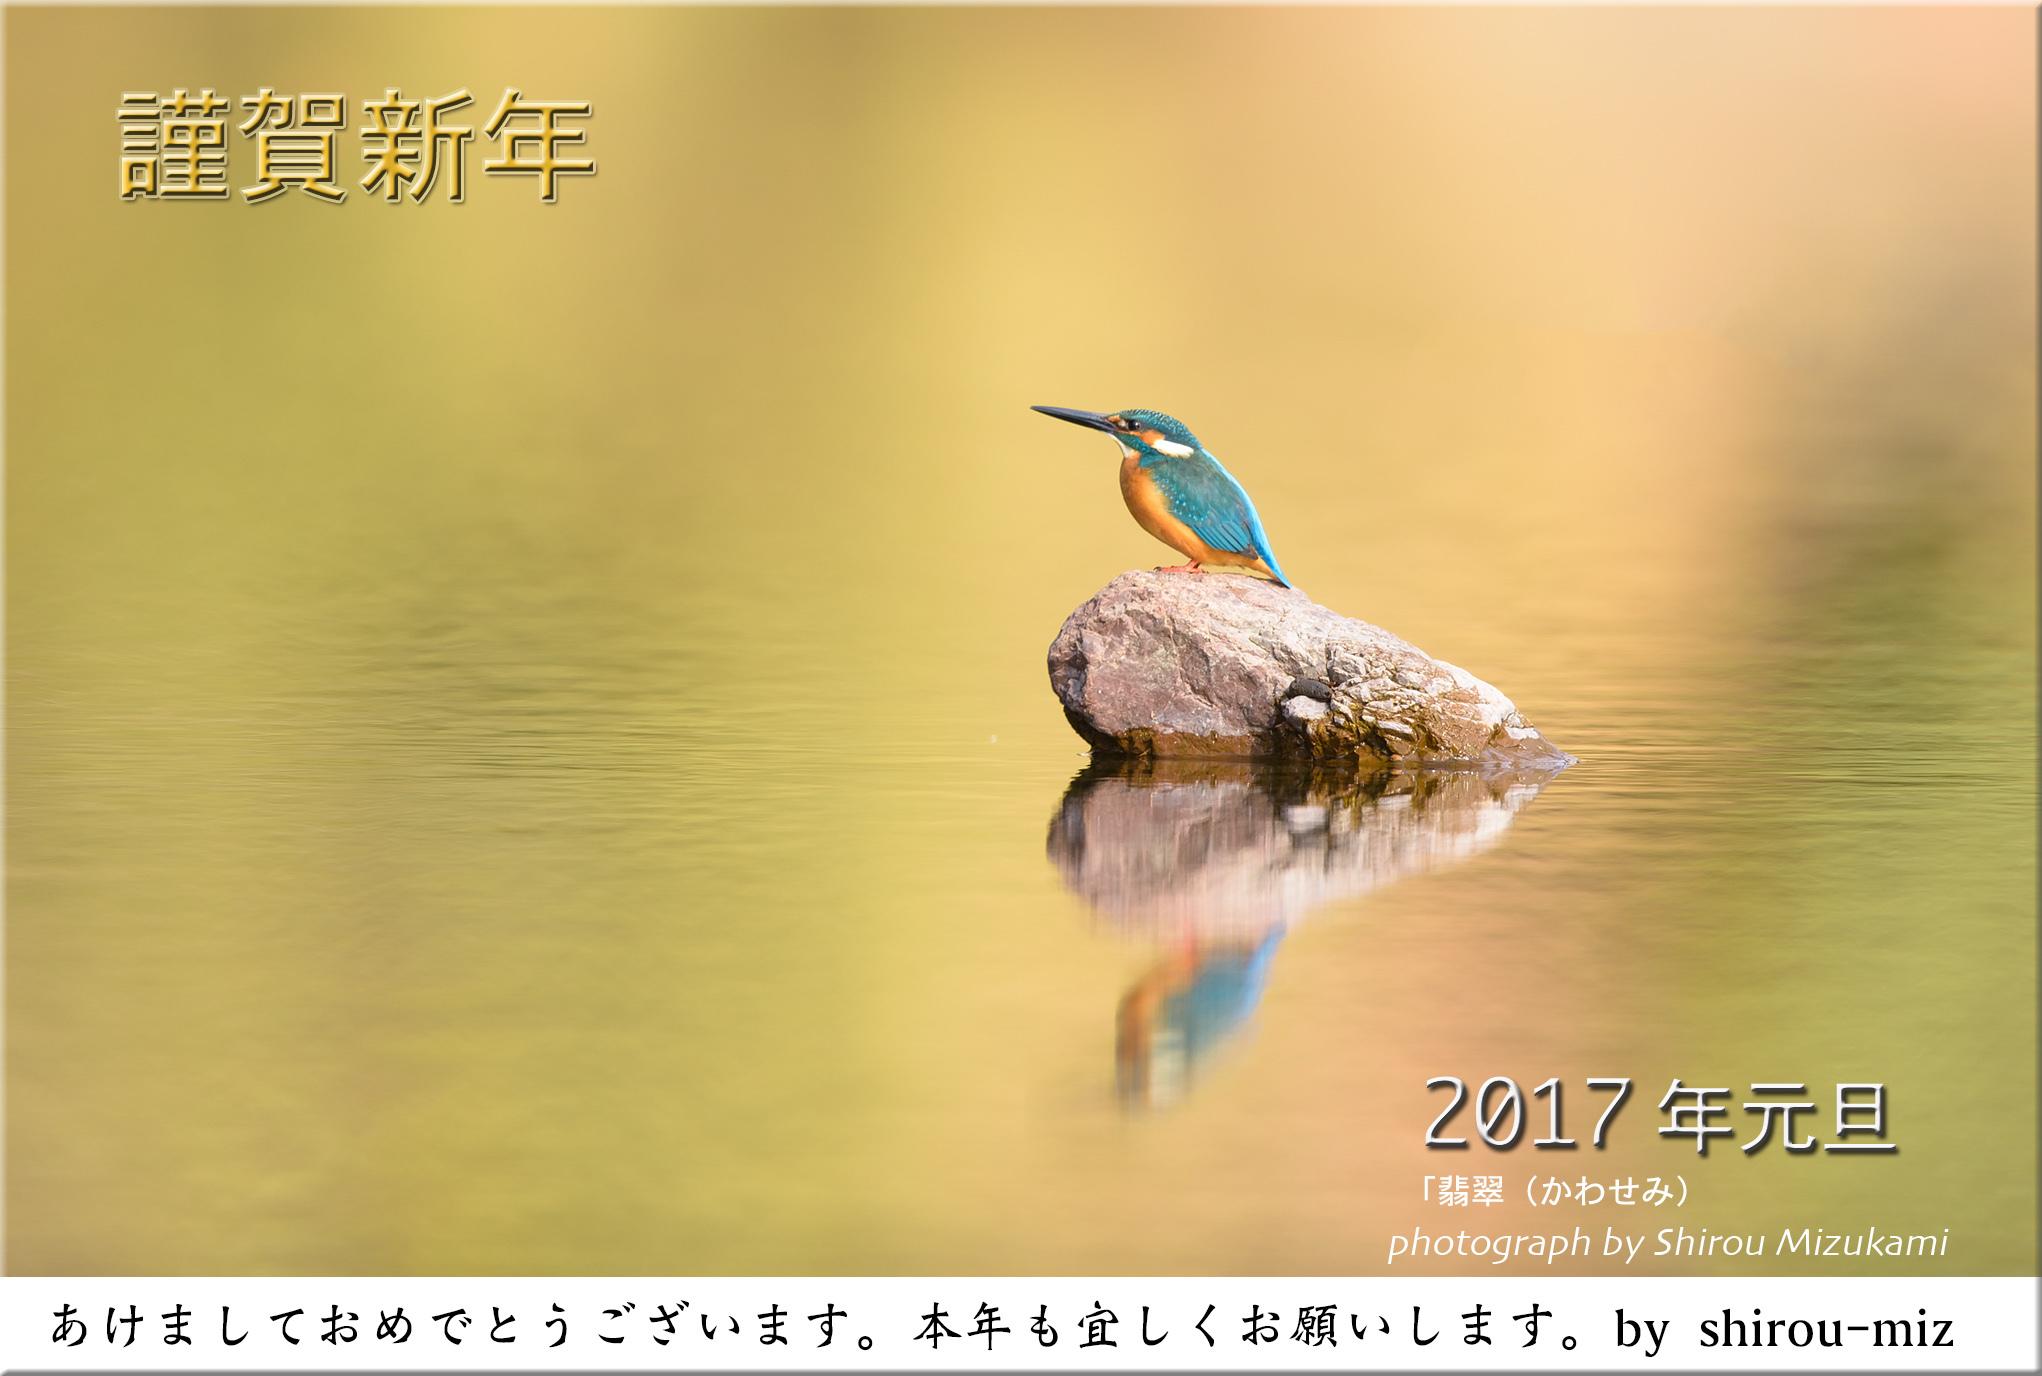 nenga2017(blog).jpg